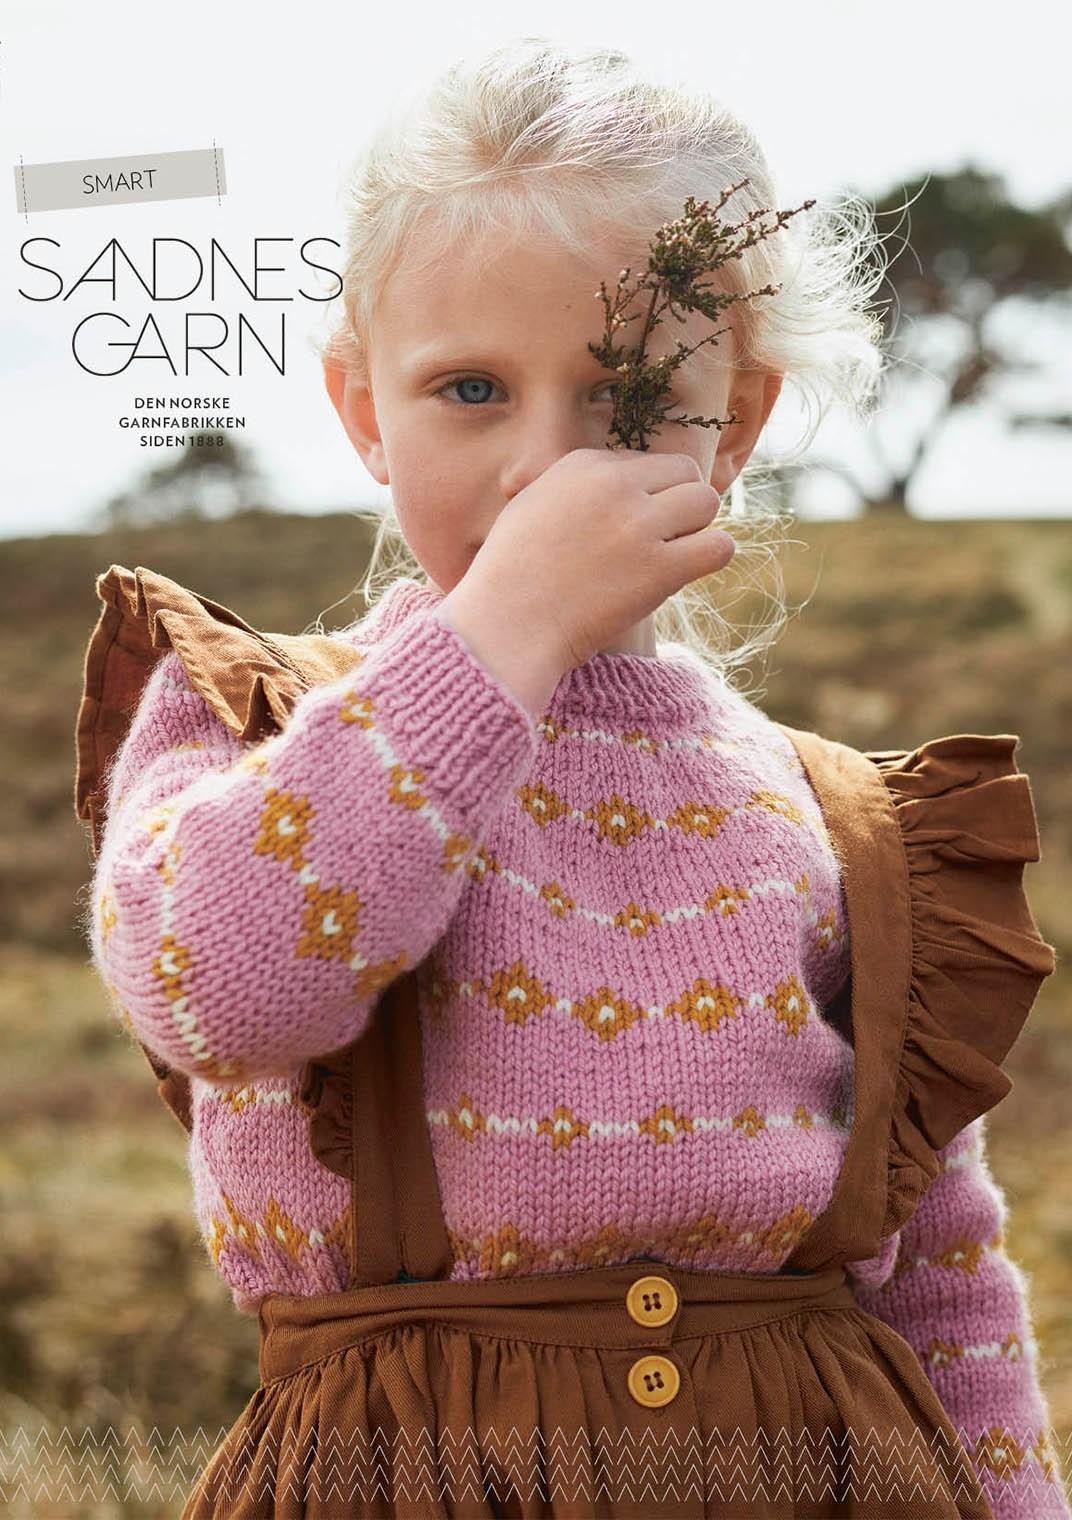 Sandnes 2009